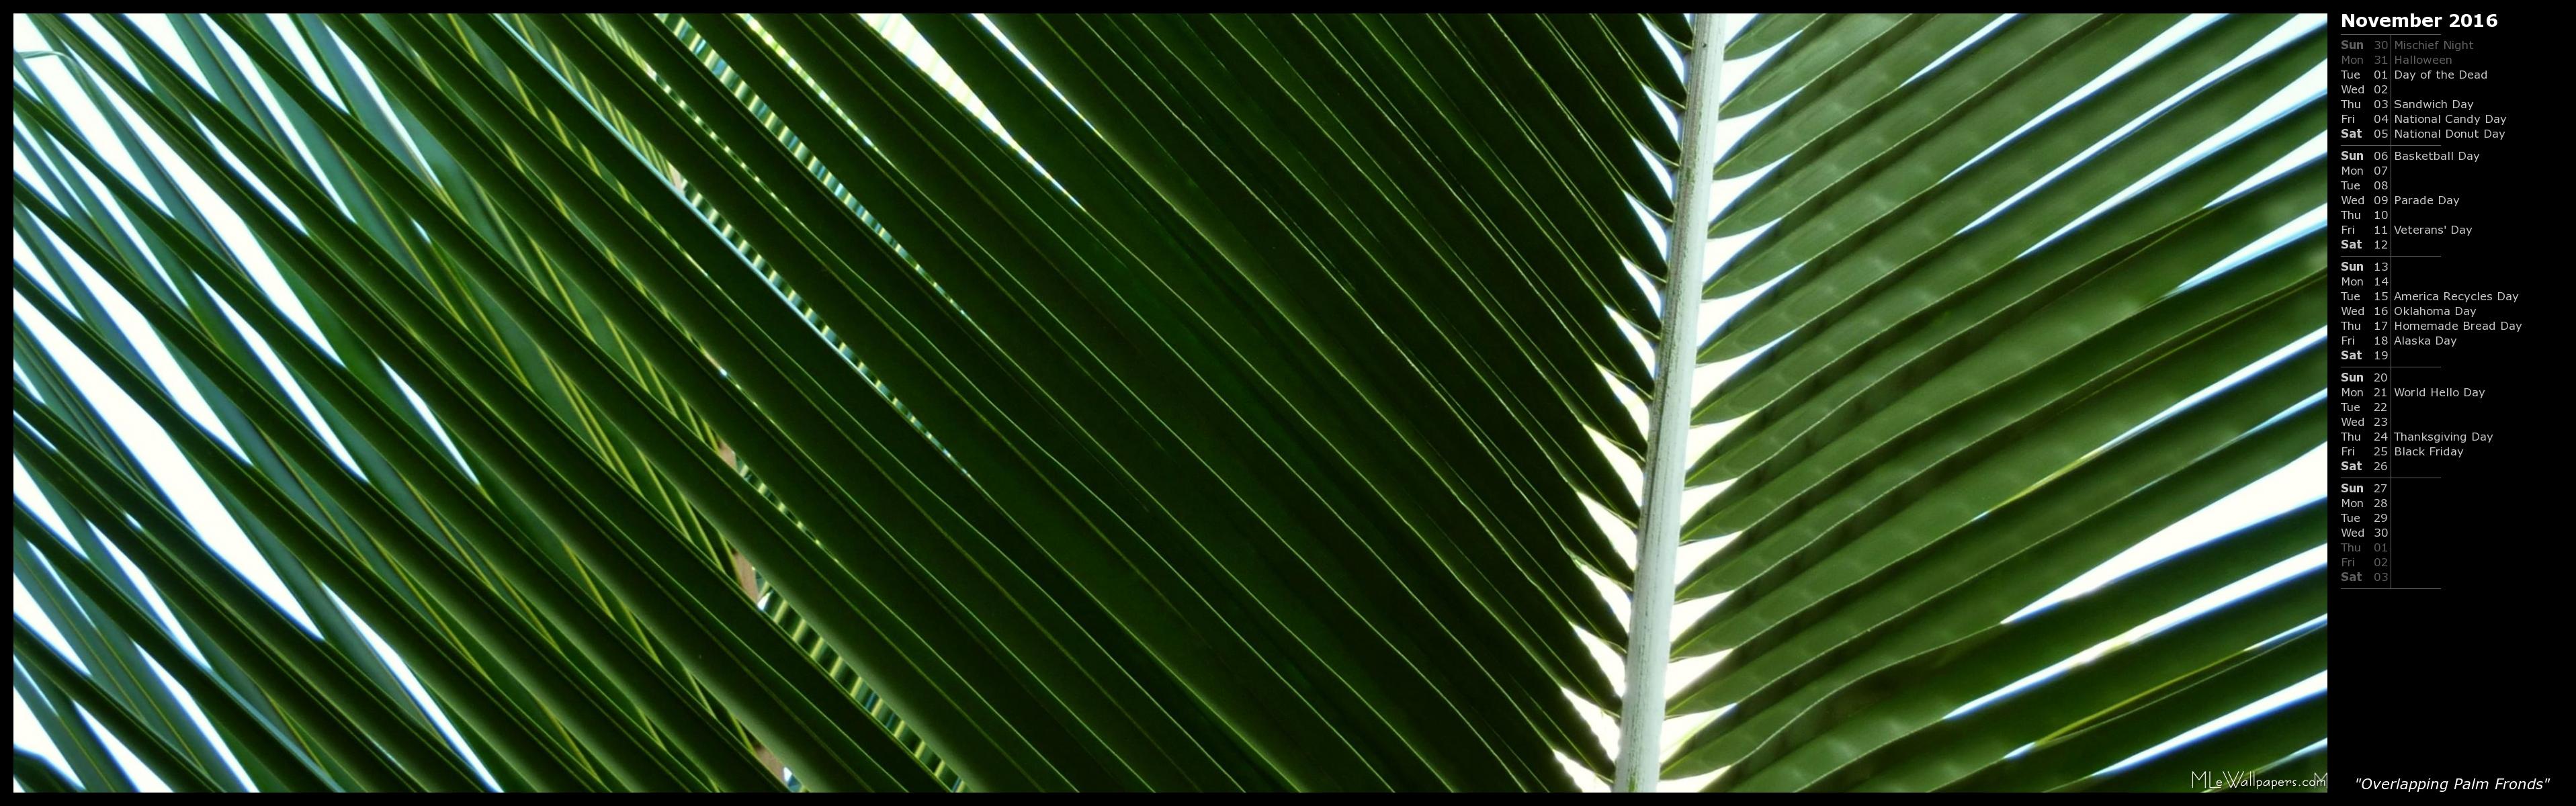 MLeWallpaperscom   Overlapping Palm Fronds Calendar 3834x1200